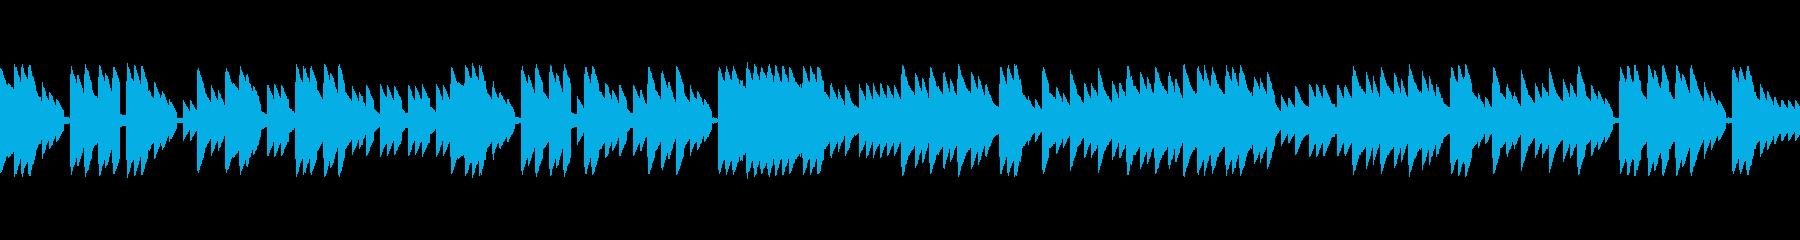 レトロゲームのフィールド曲のイメージ。の再生済みの波形